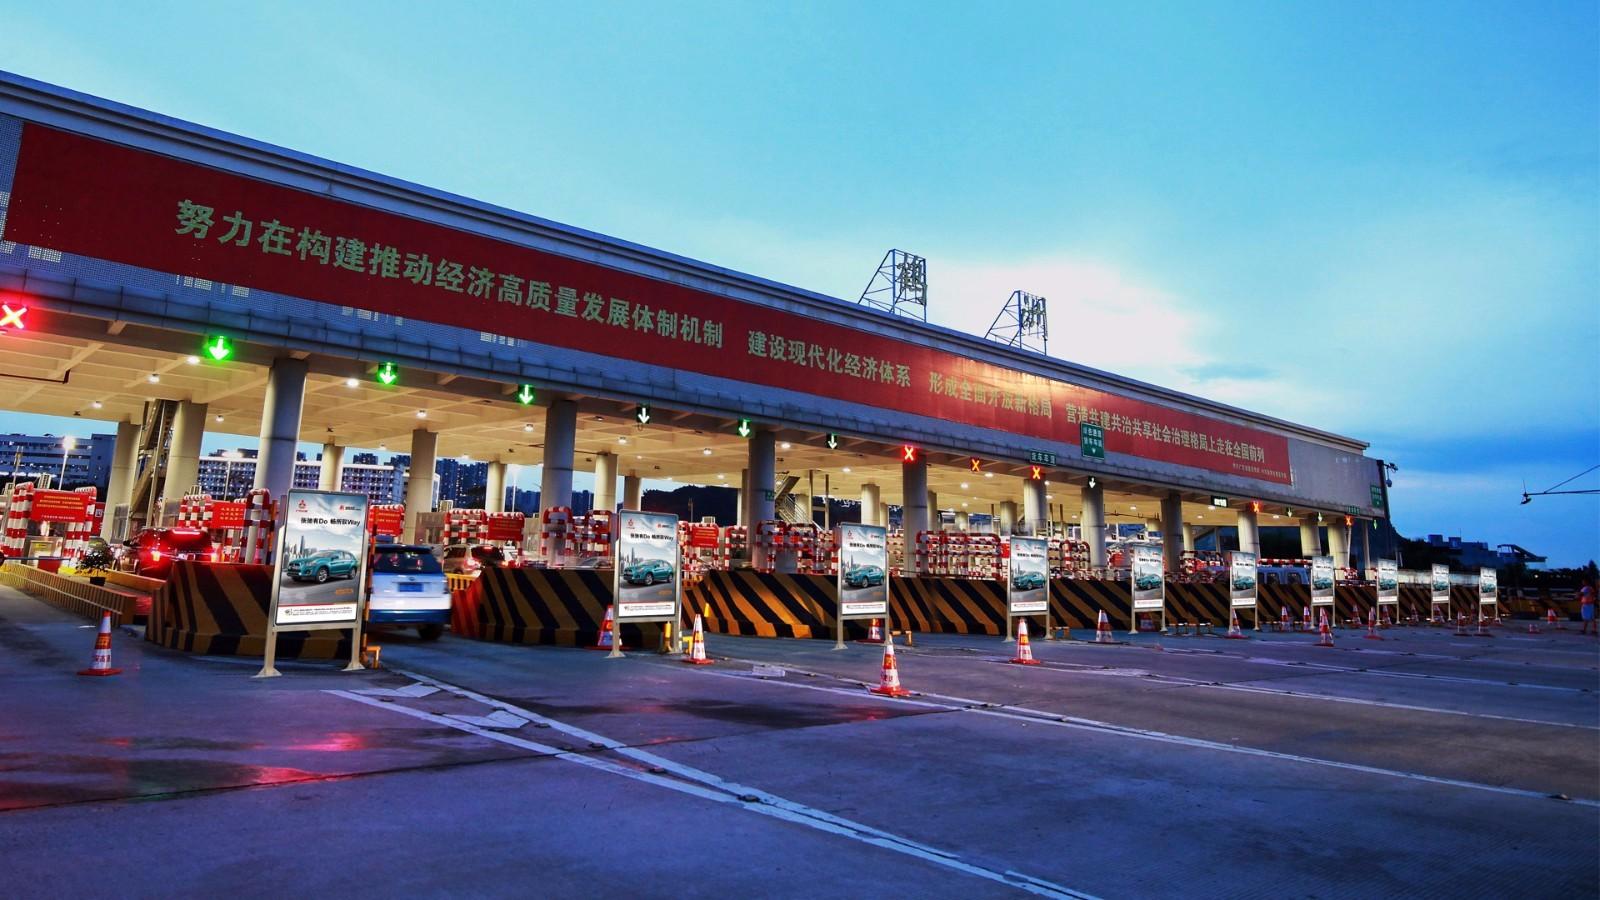 深圳宝安国际机场 鹤州站